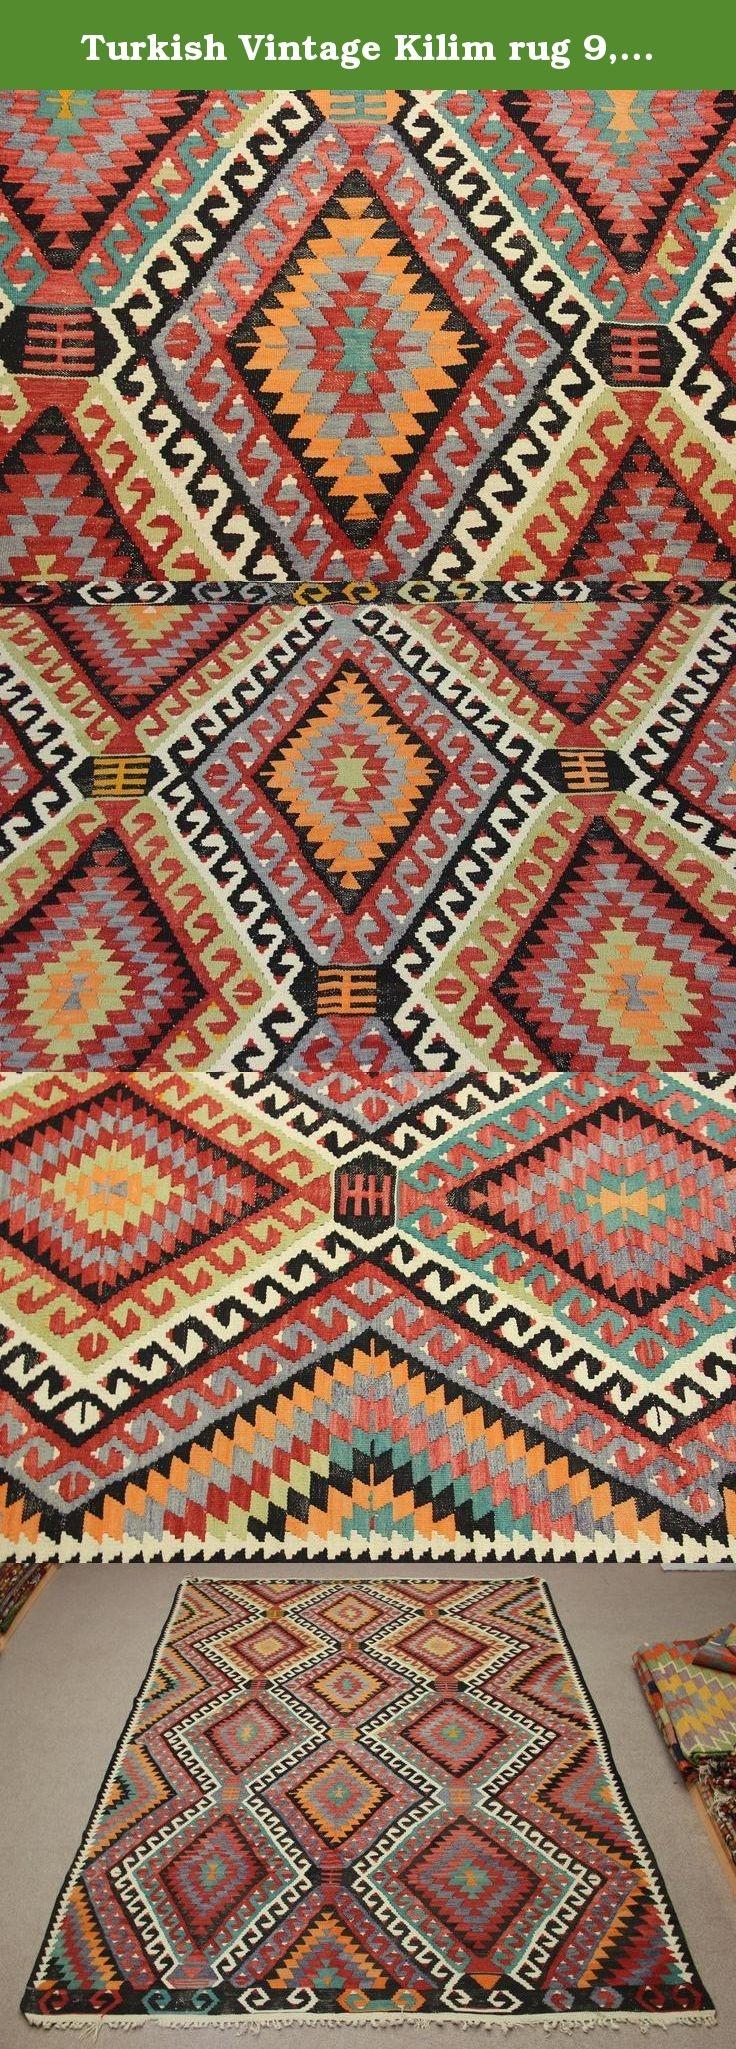 Turkish Vintage Kilim Rug 94×61 Feet Area Rug Room Decor Organic Within Organic Wool Area Rugs (#15 of 15)